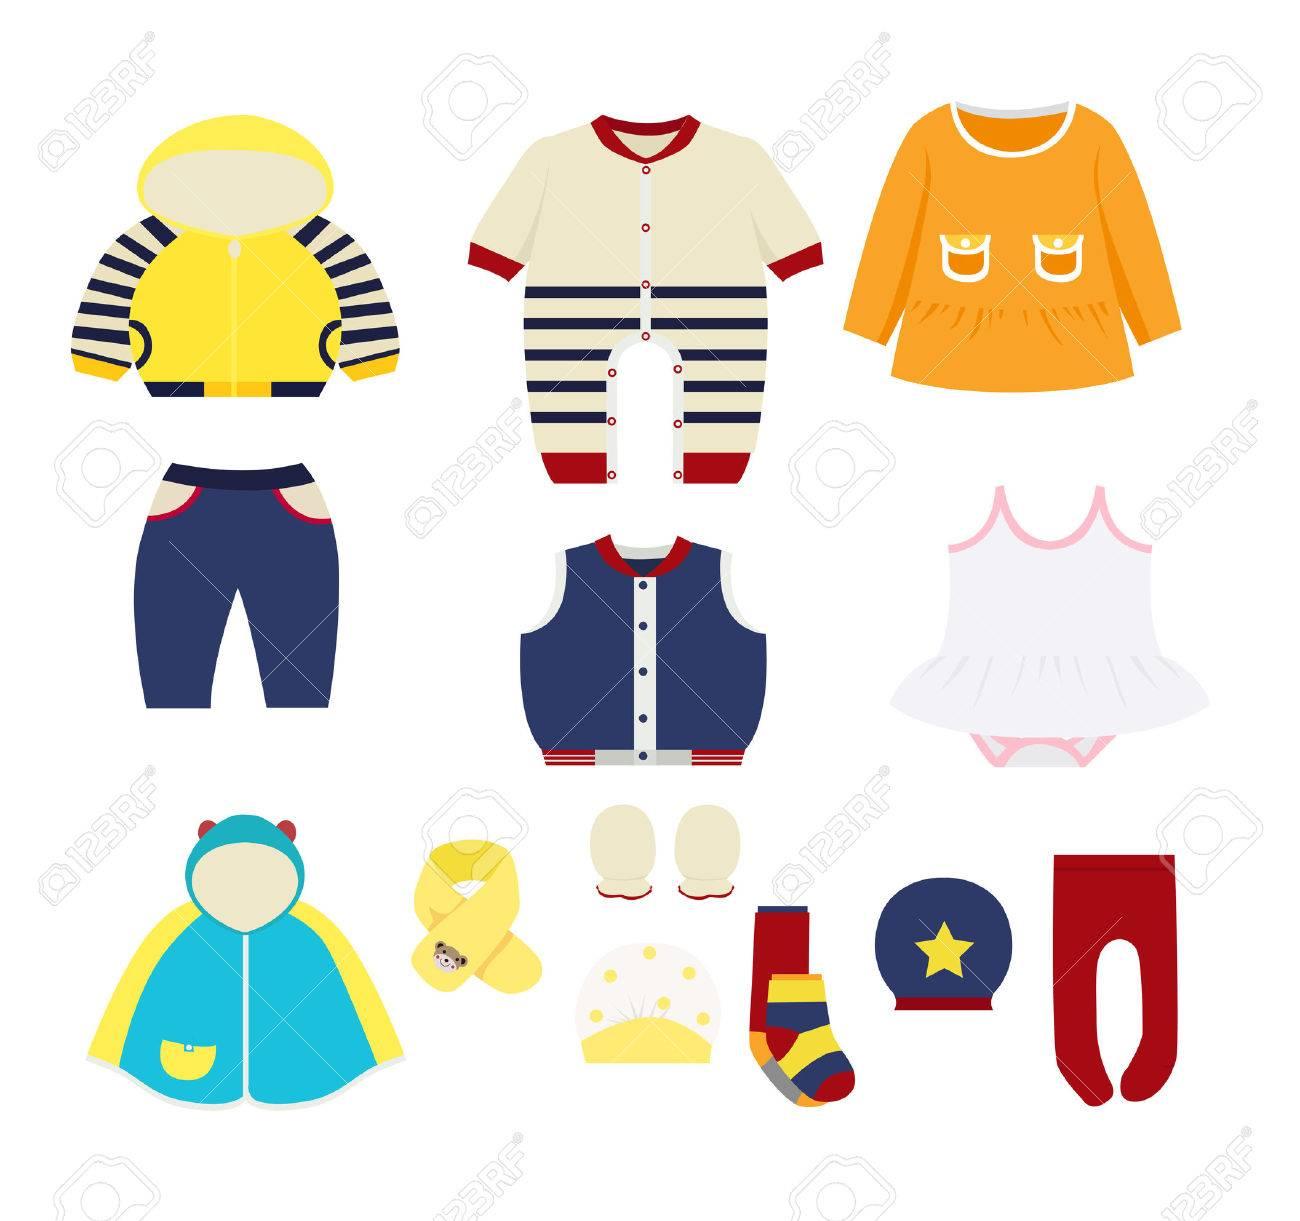 set of children's clothes design elements - 58165274